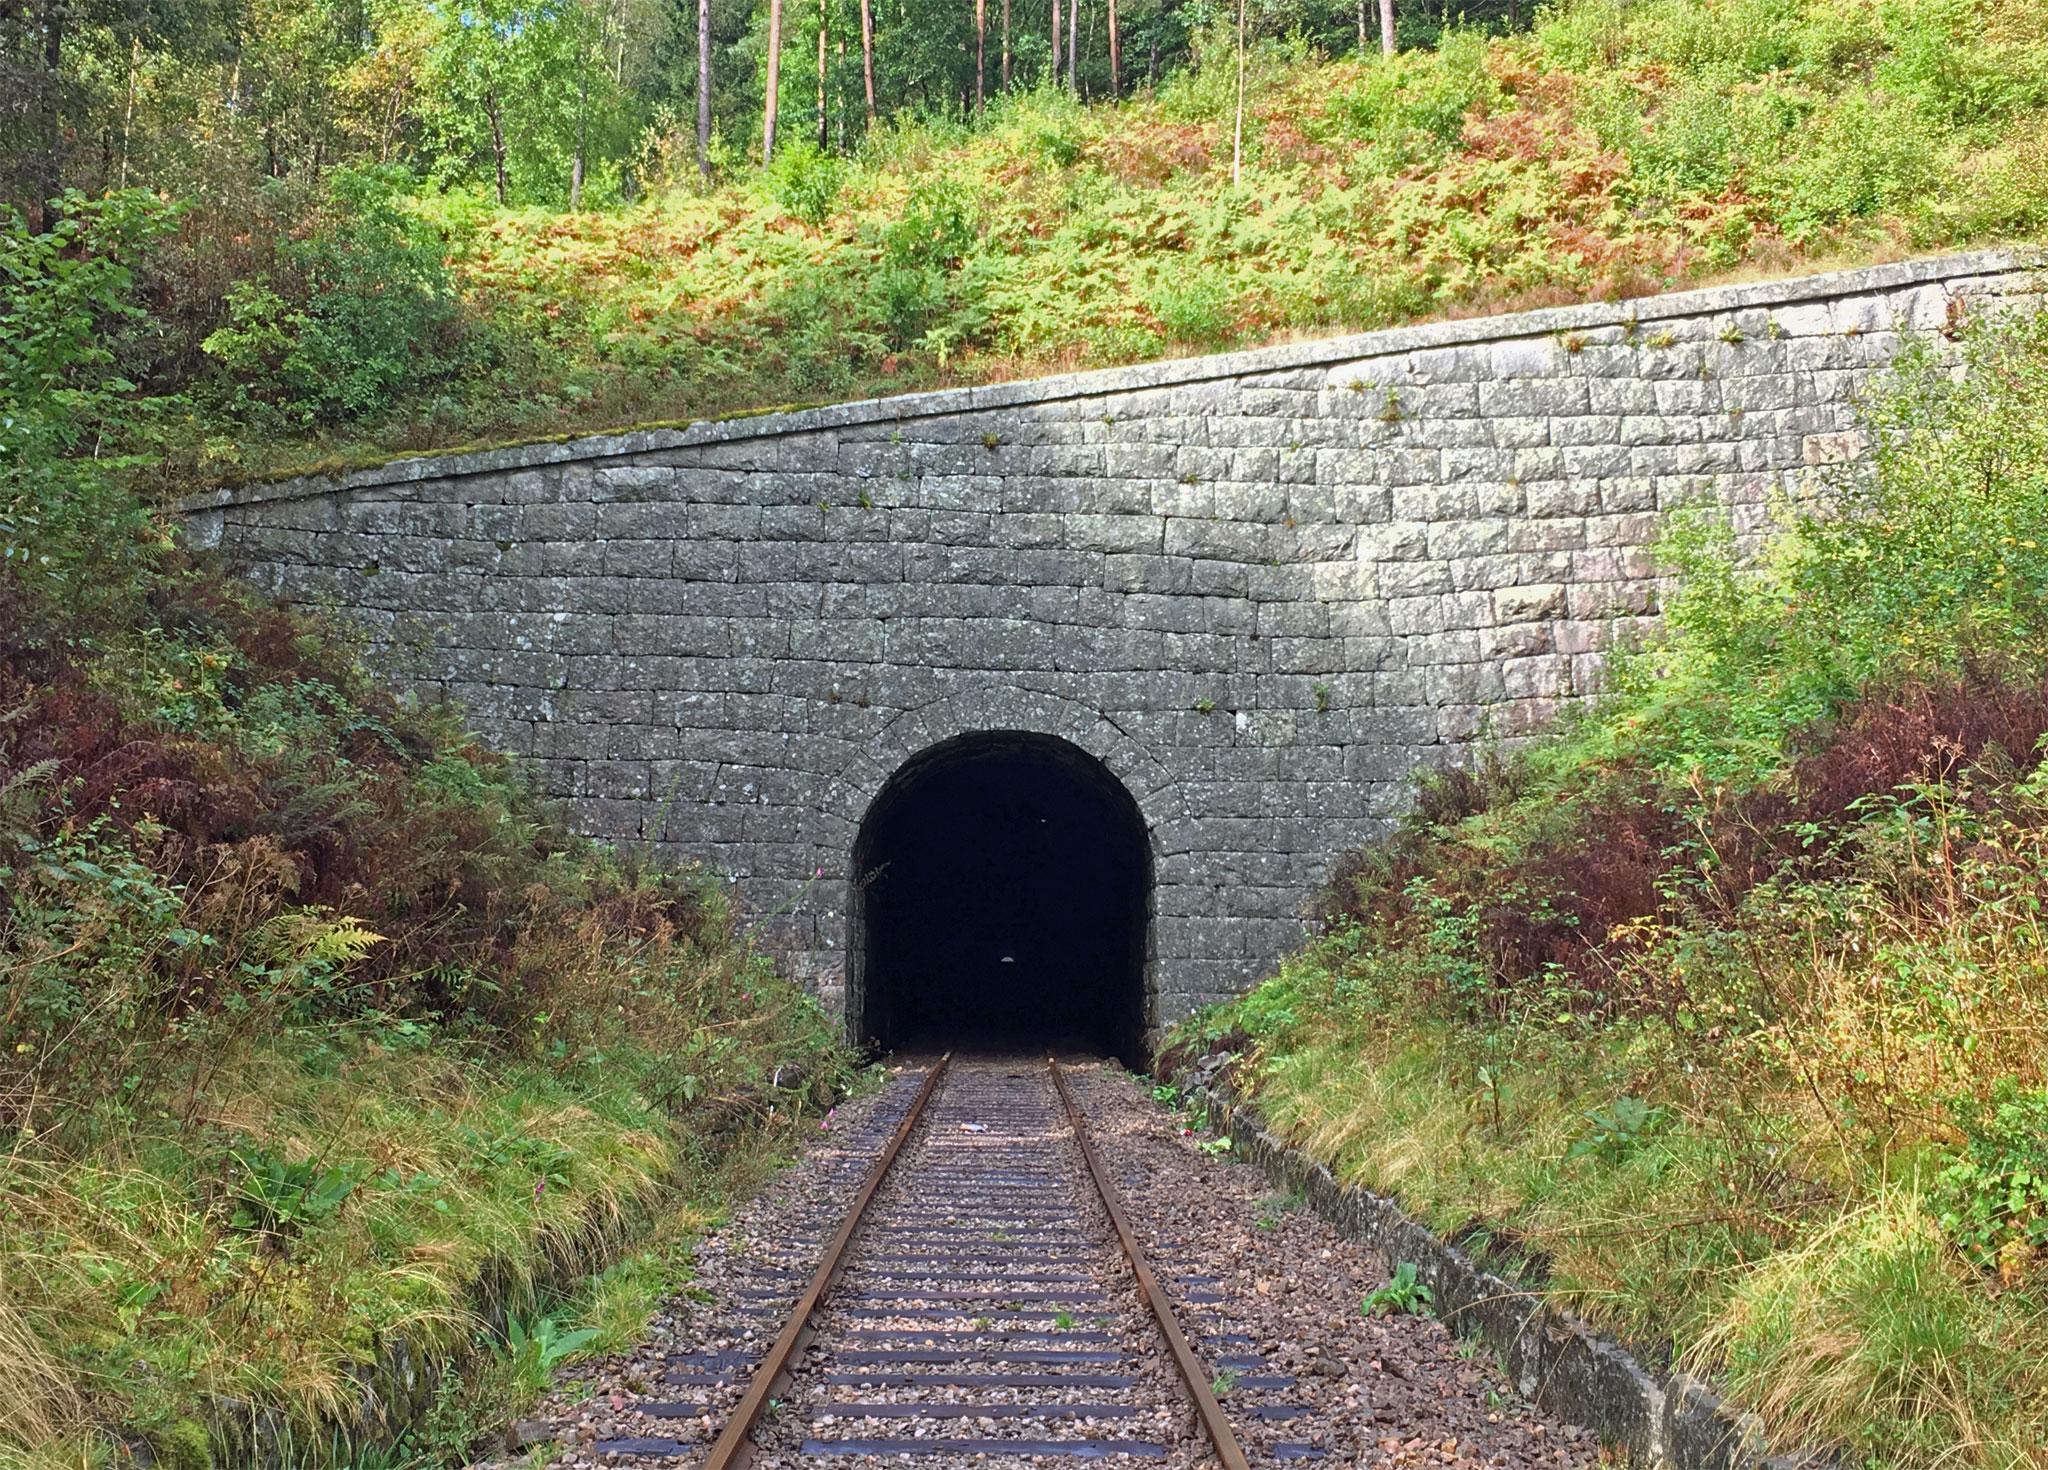 Der er en del tunneller på banen.  Læg mærke til toppen af udgangshullet i modsatte ende - banen flader ud nær enden af tunnellen